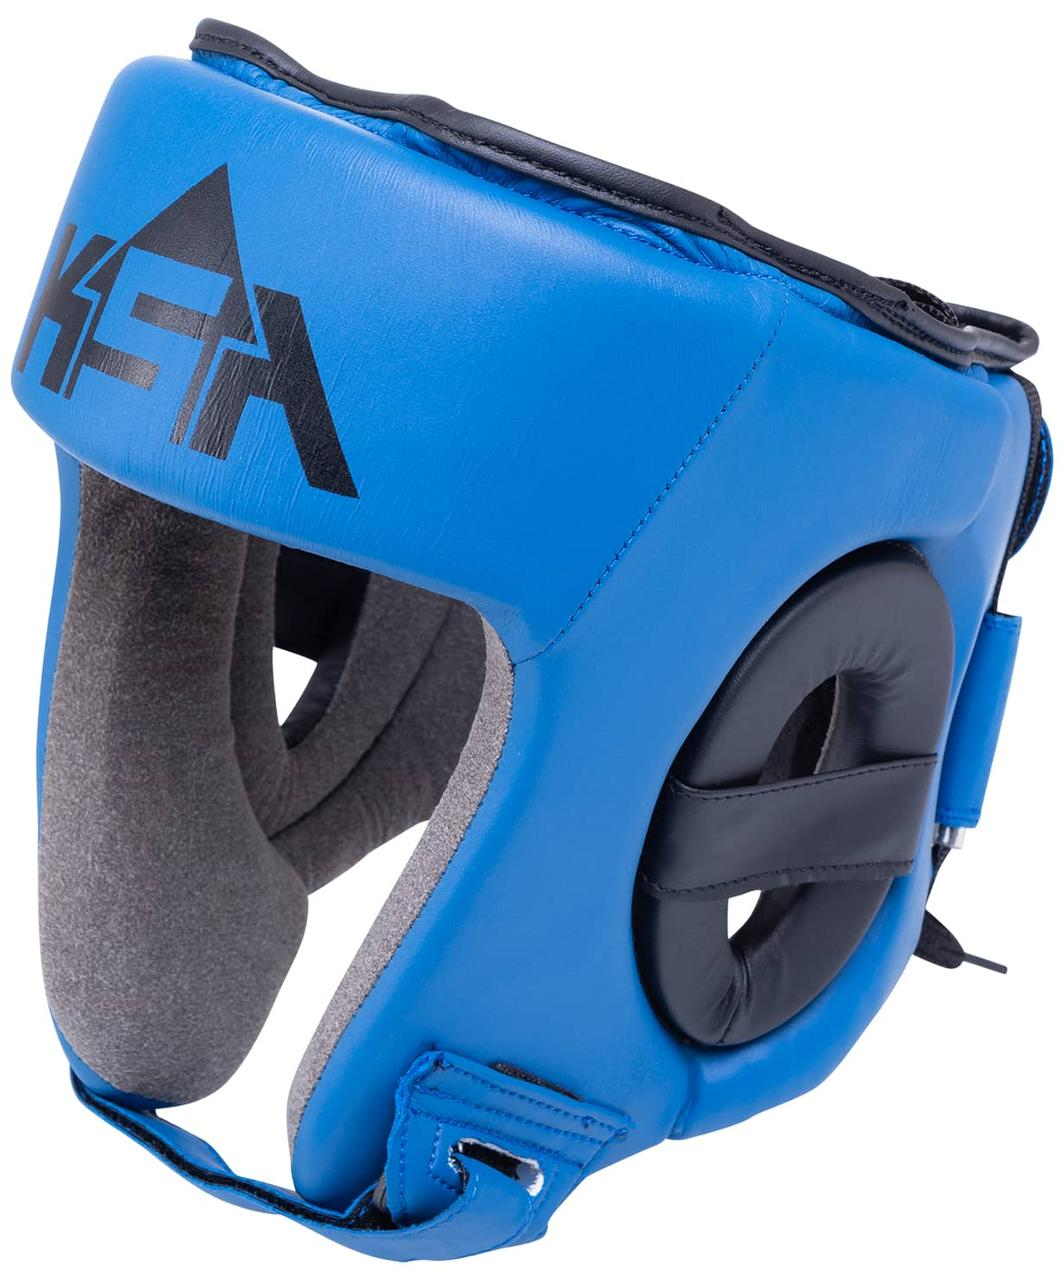 Шлем открытый Champ Blue, S KSA